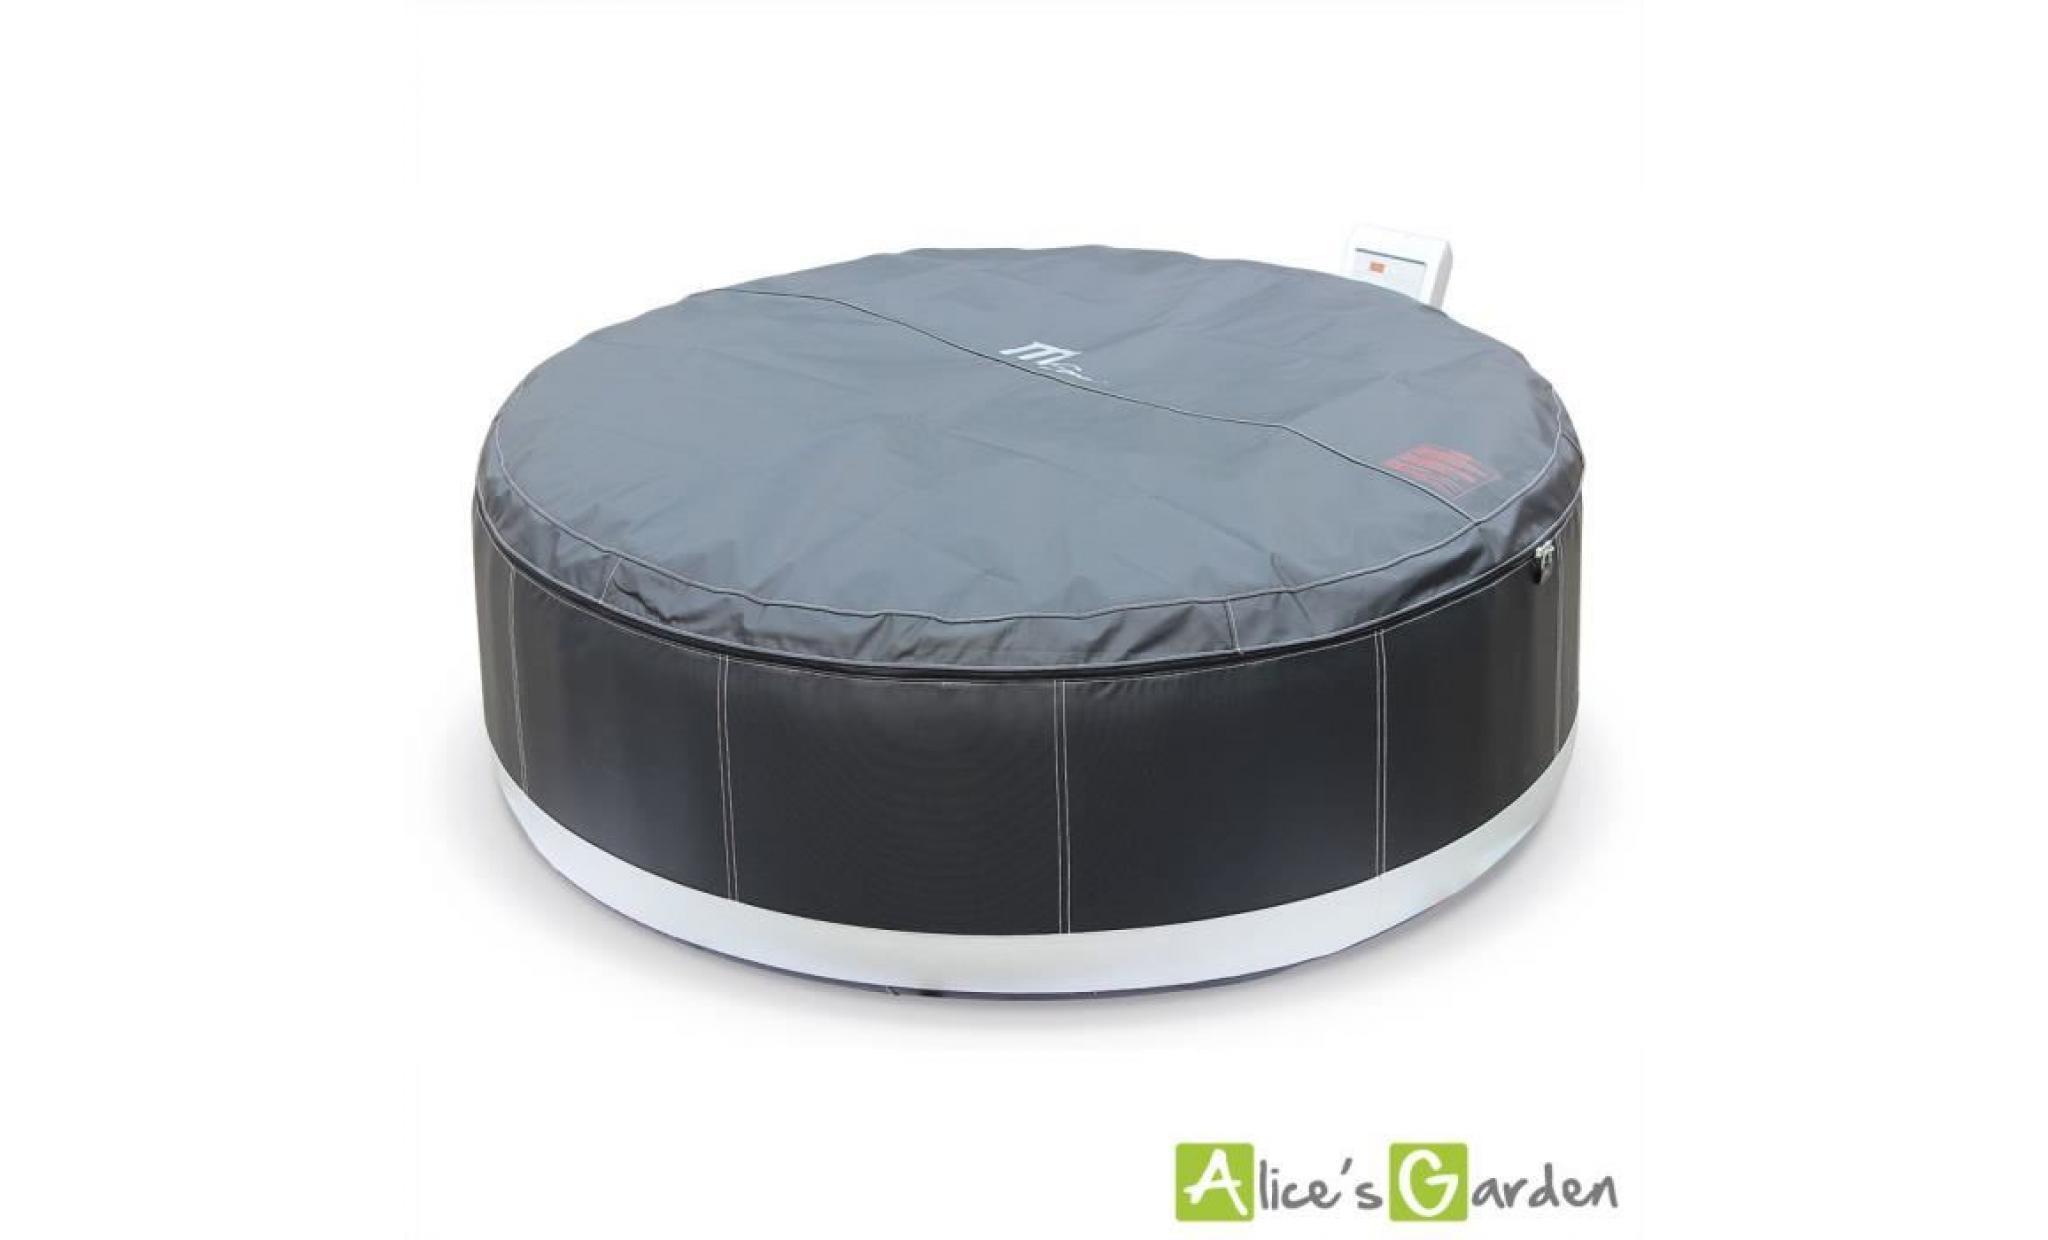 spa gonflable ottawa xxl cuir noir 6 personnes 205cm jacuzzi pu luxe avec pompe int gr e. Black Bedroom Furniture Sets. Home Design Ideas